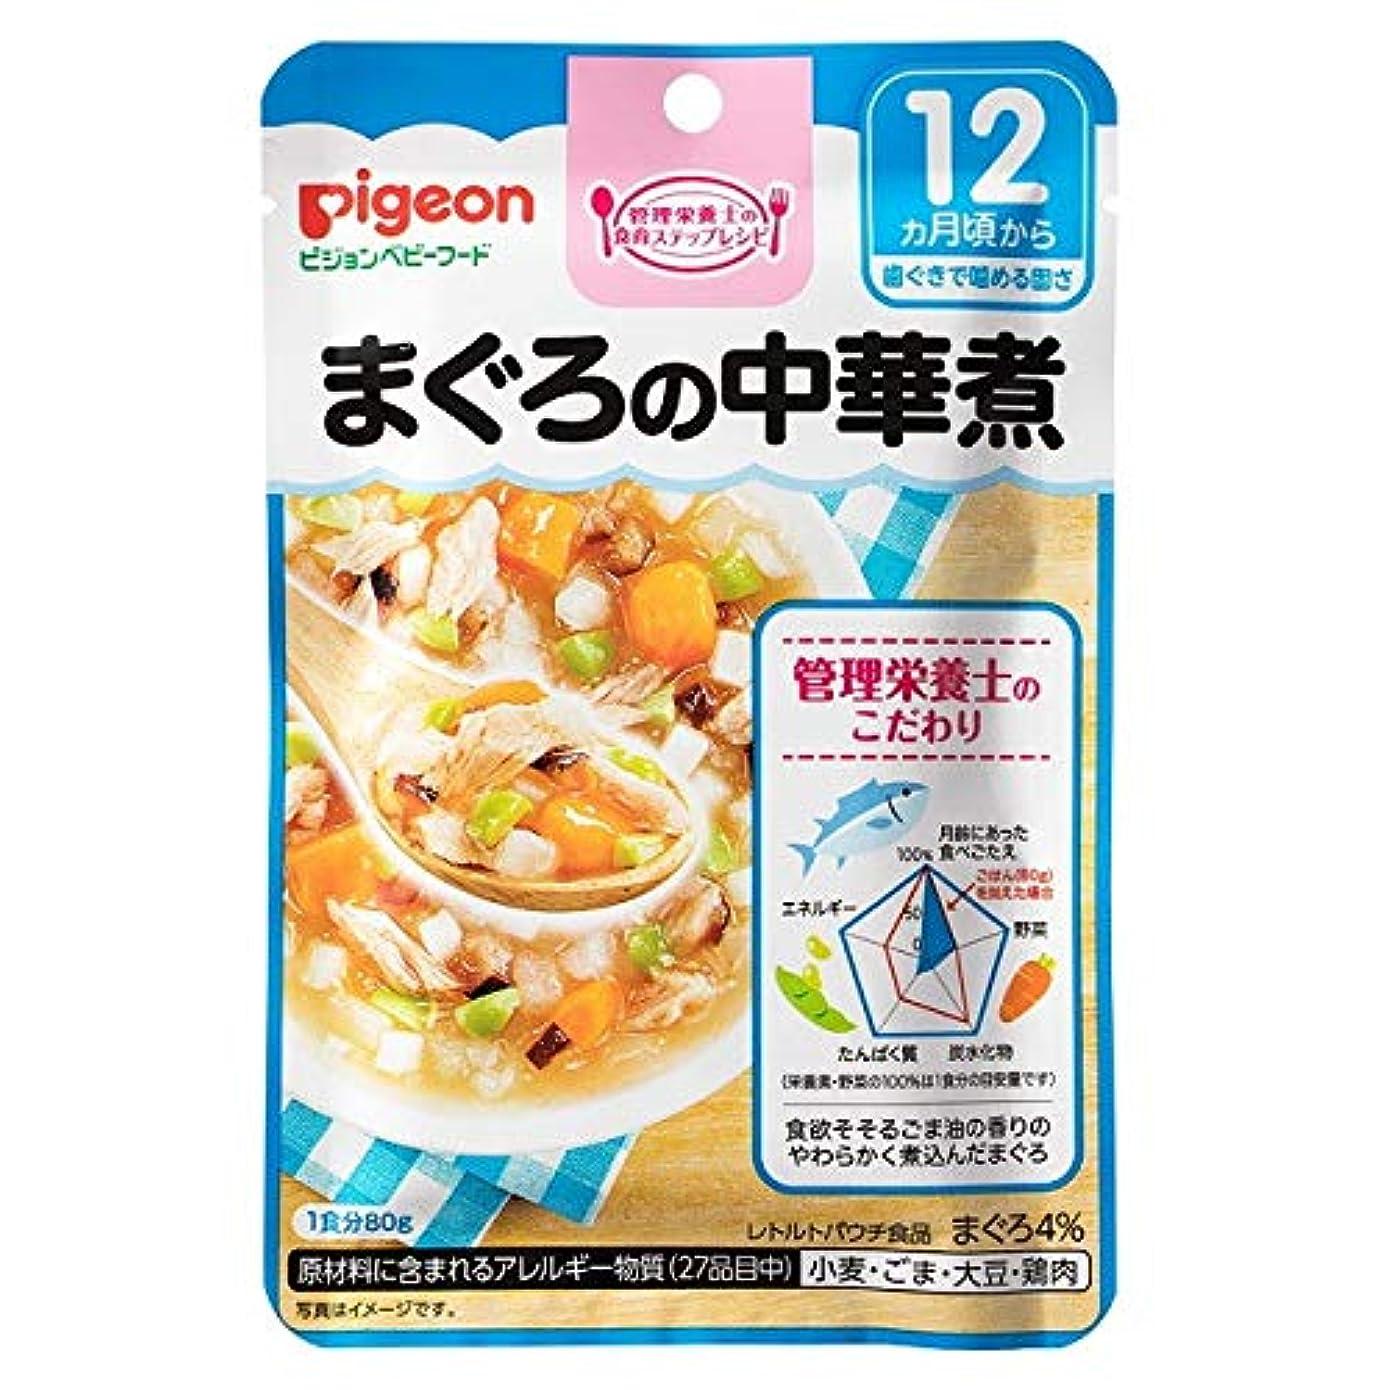 ピジョン 食育レシピ まぐろの中華煮 80g【3個セット】